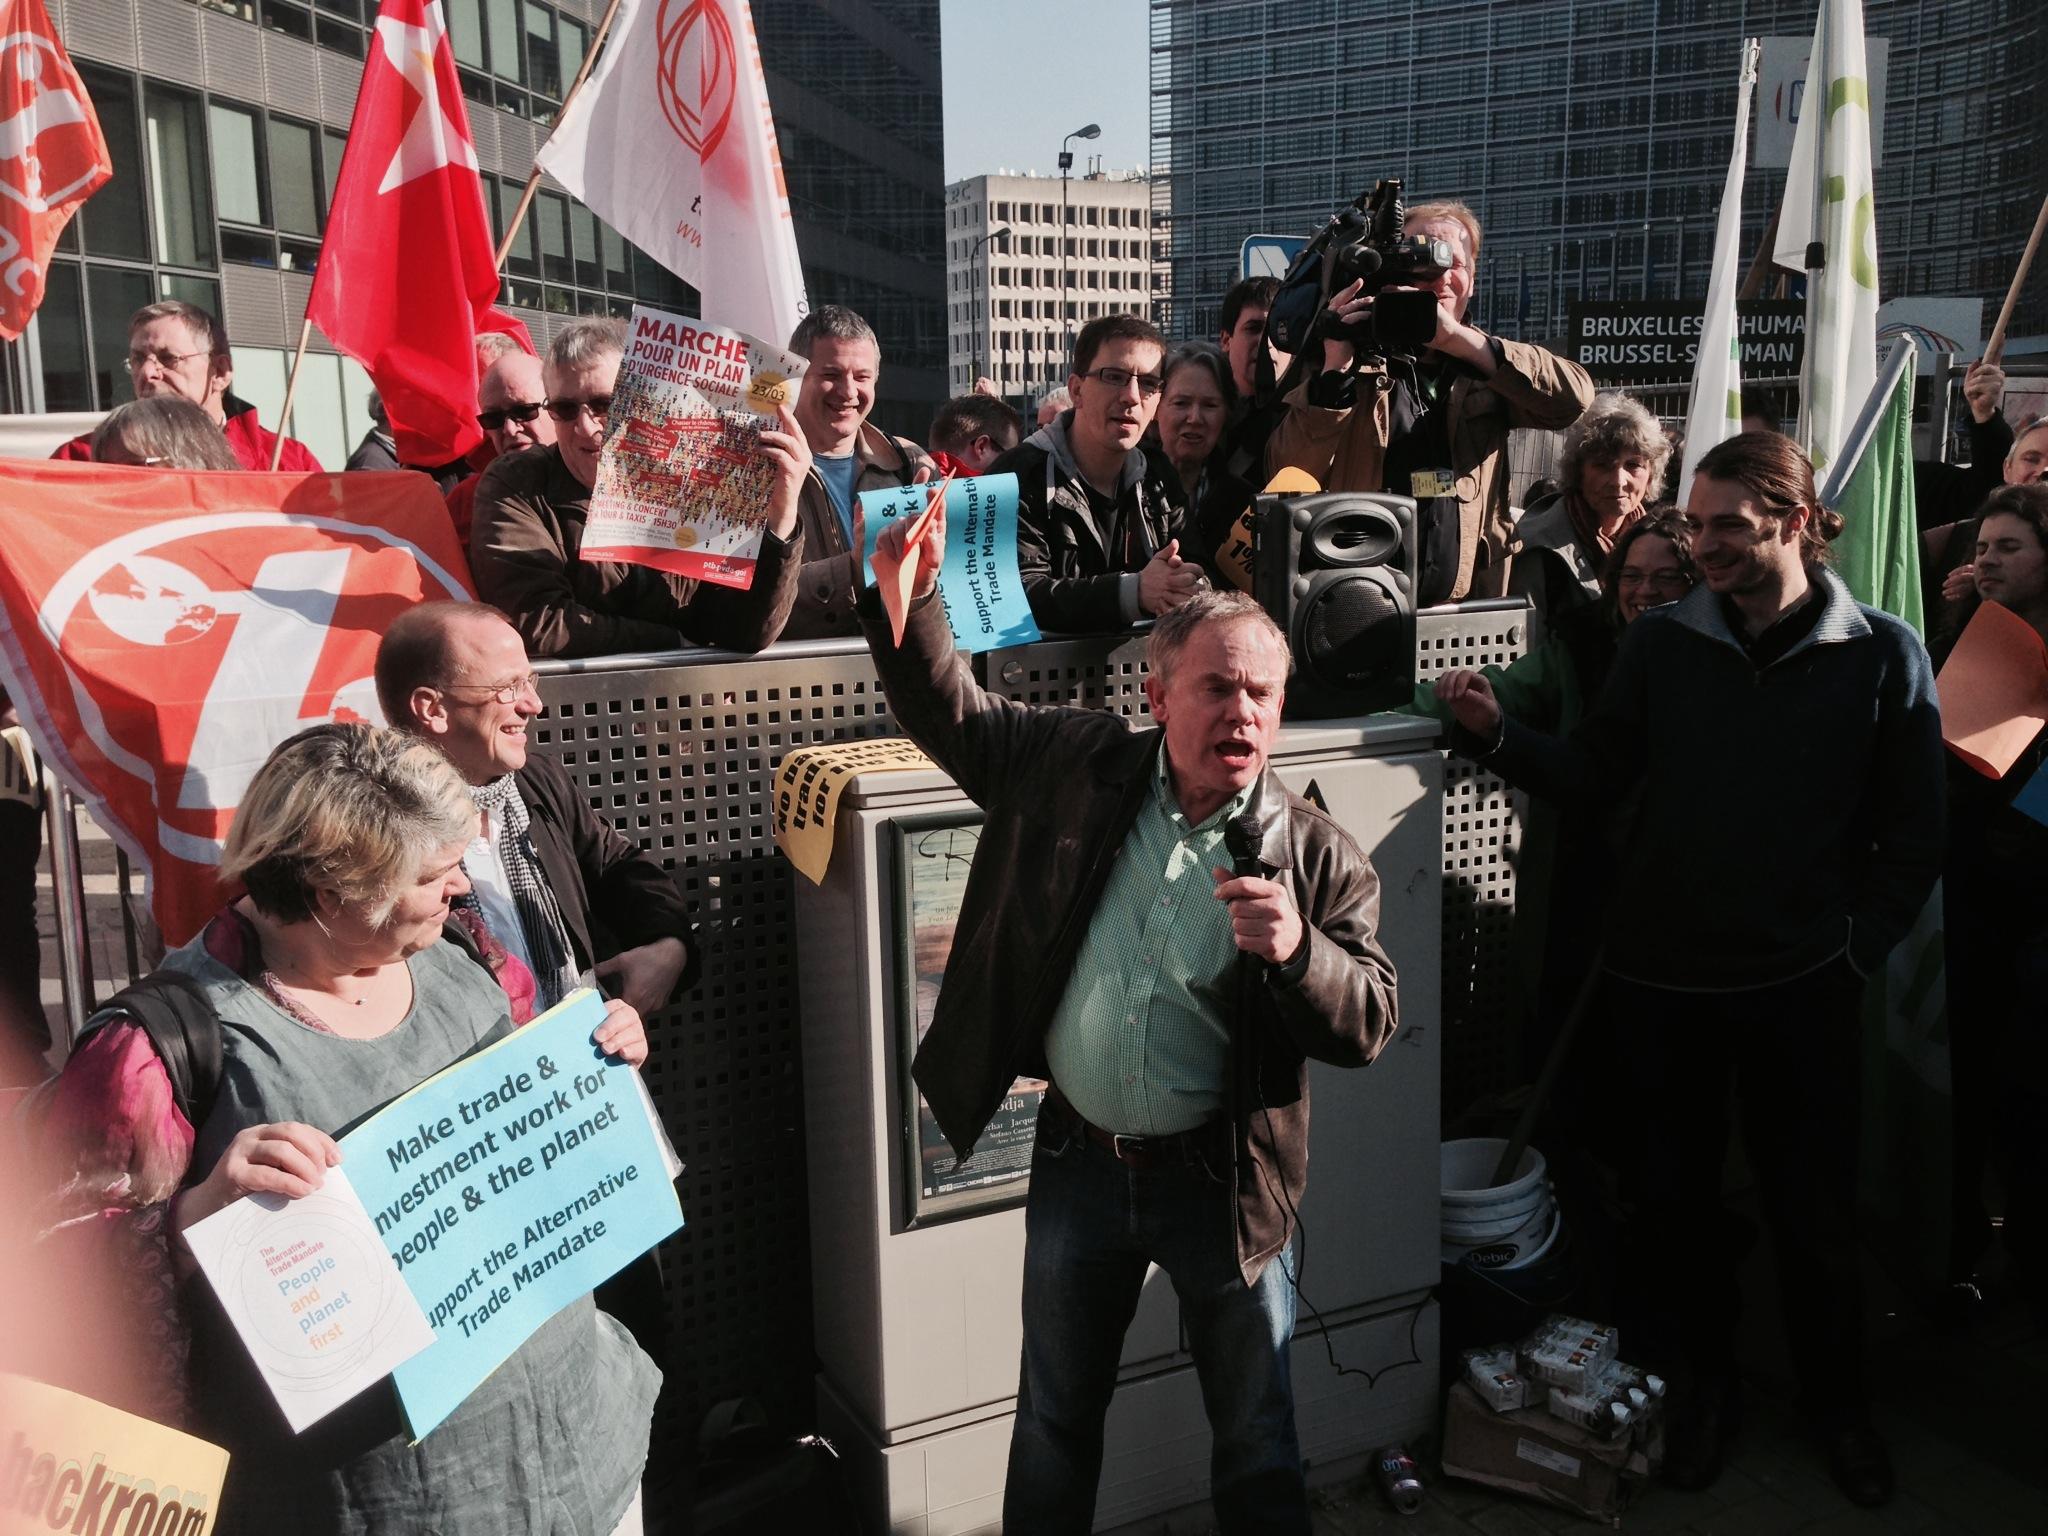 Attac var tilstede når sivilsamfunnet samlet seg i Brussel, i sitt arbeid mot TTIP-avtalen.